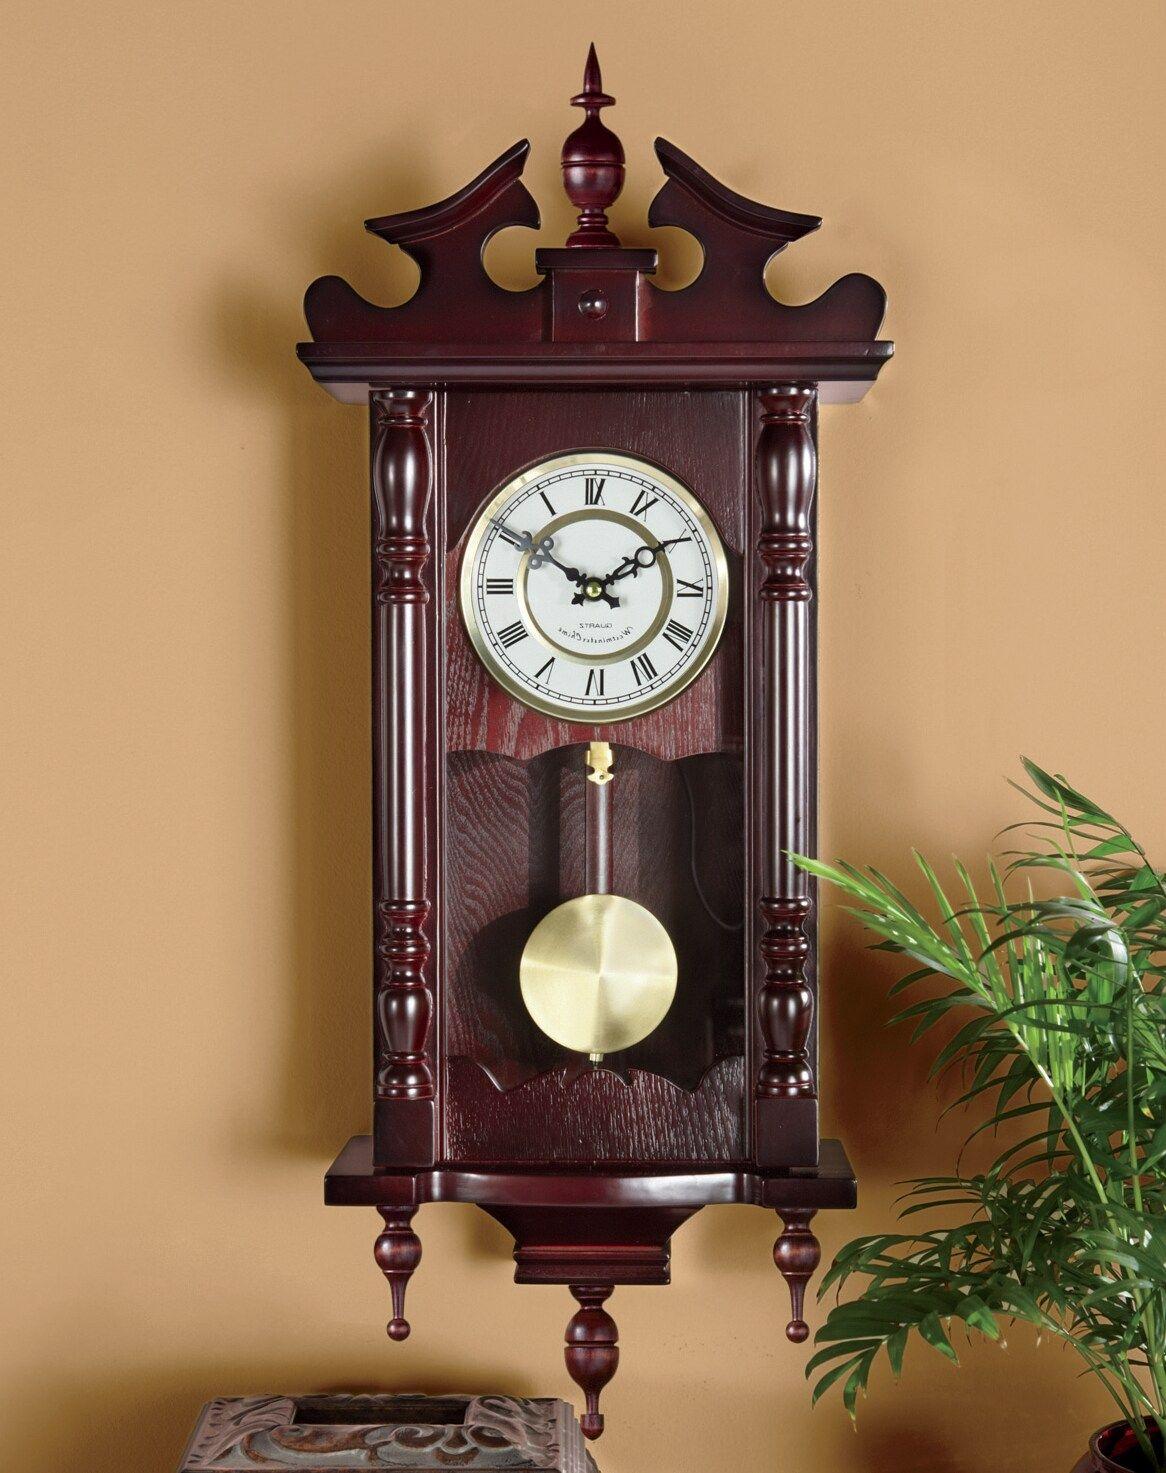 Vintage Wall Clock Vintage Wall Clock Wall Clock Classic Clock